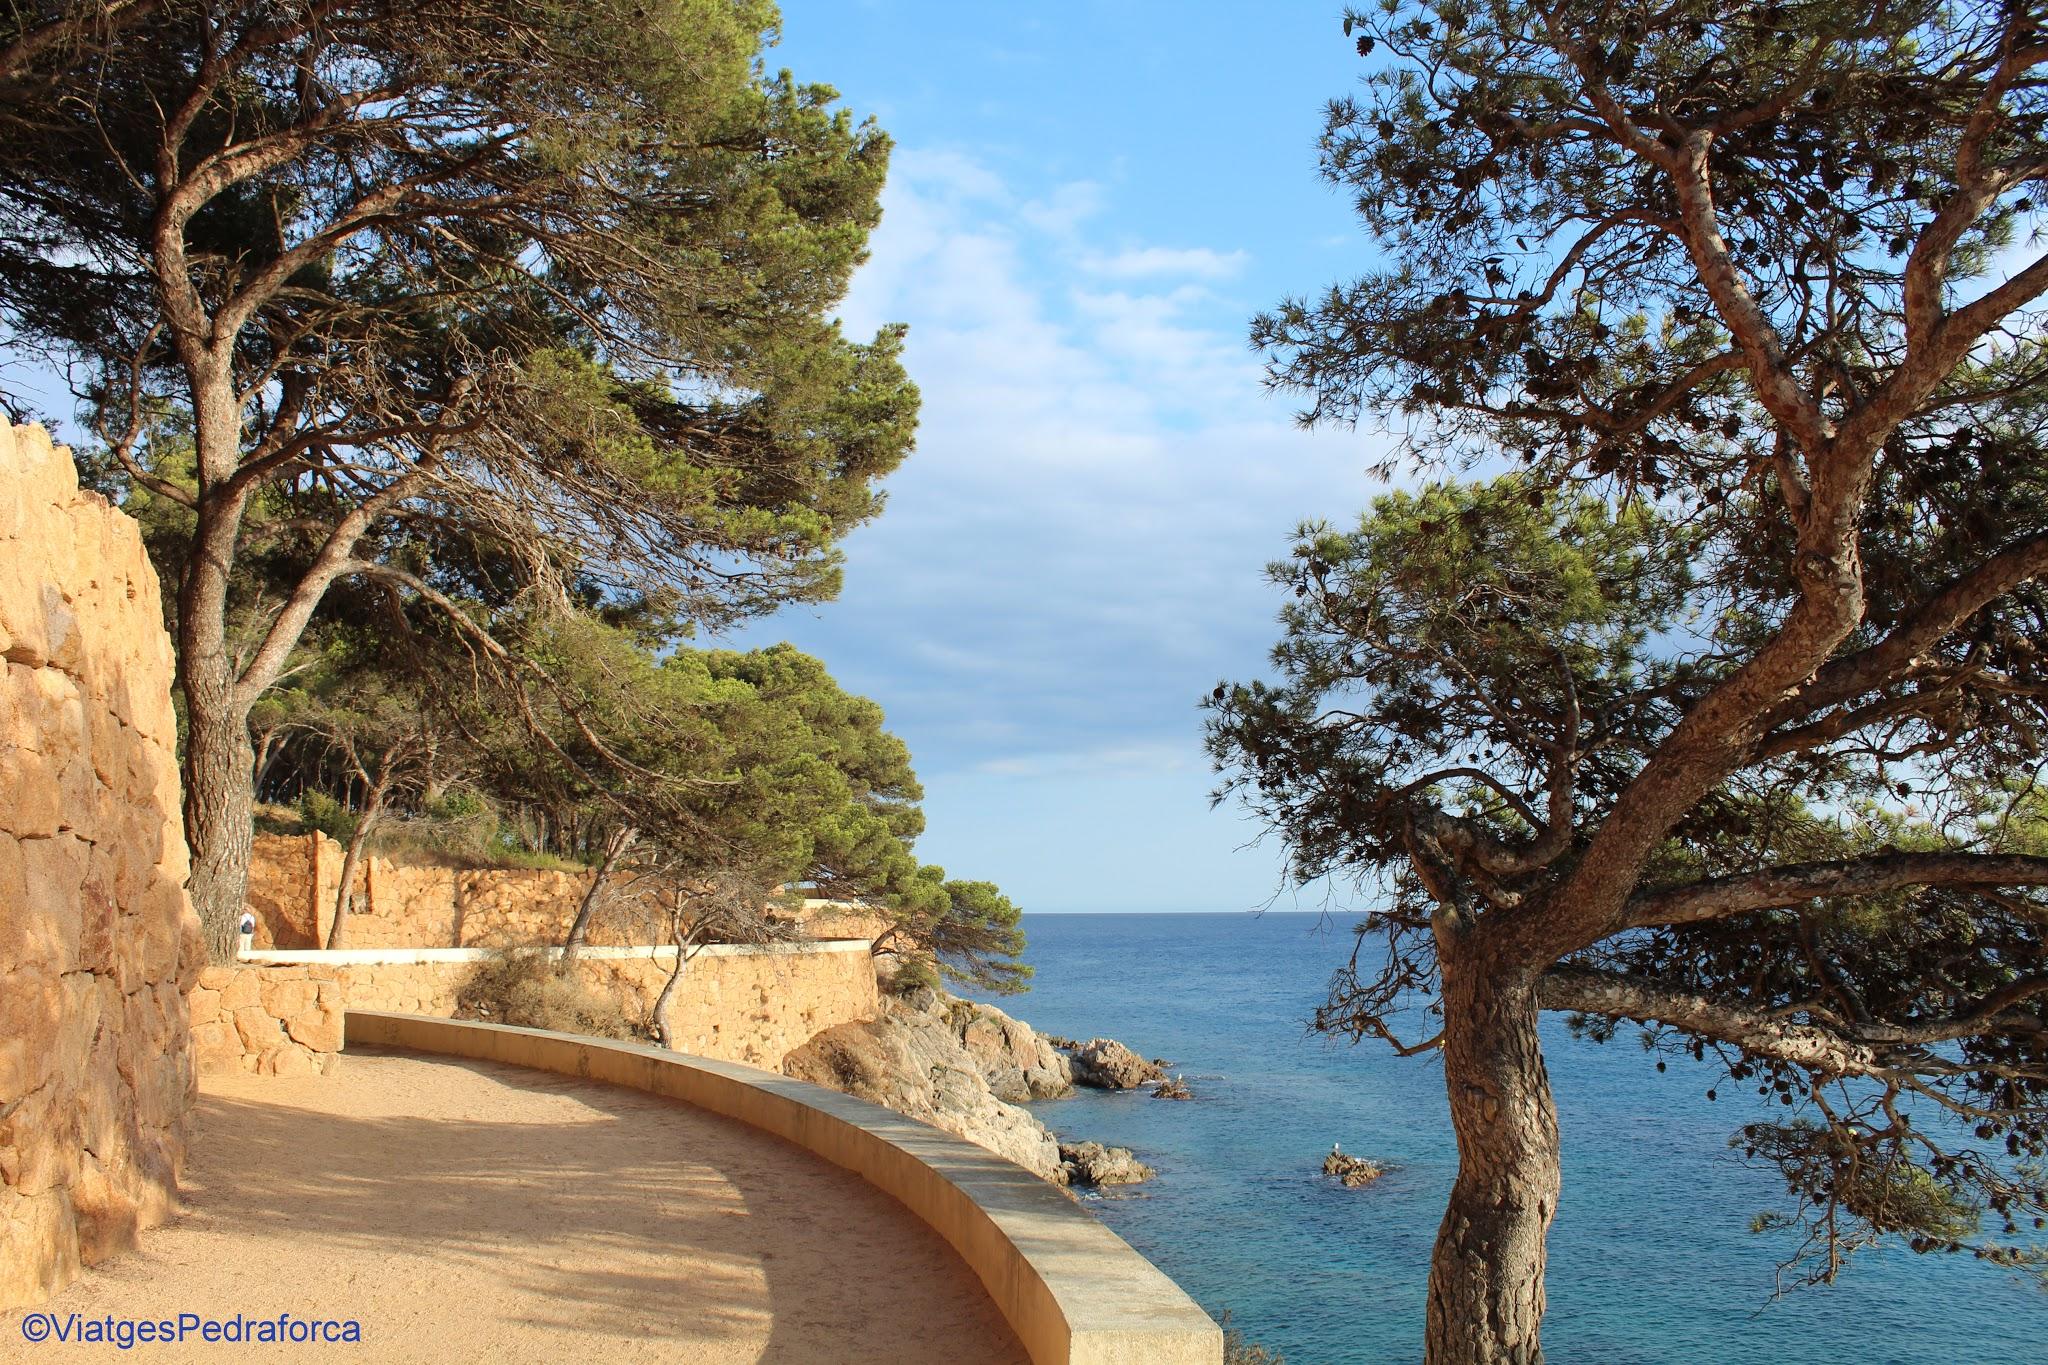 Senderisme, excursions fàcils per la Costa Brava, Baix Empordà,